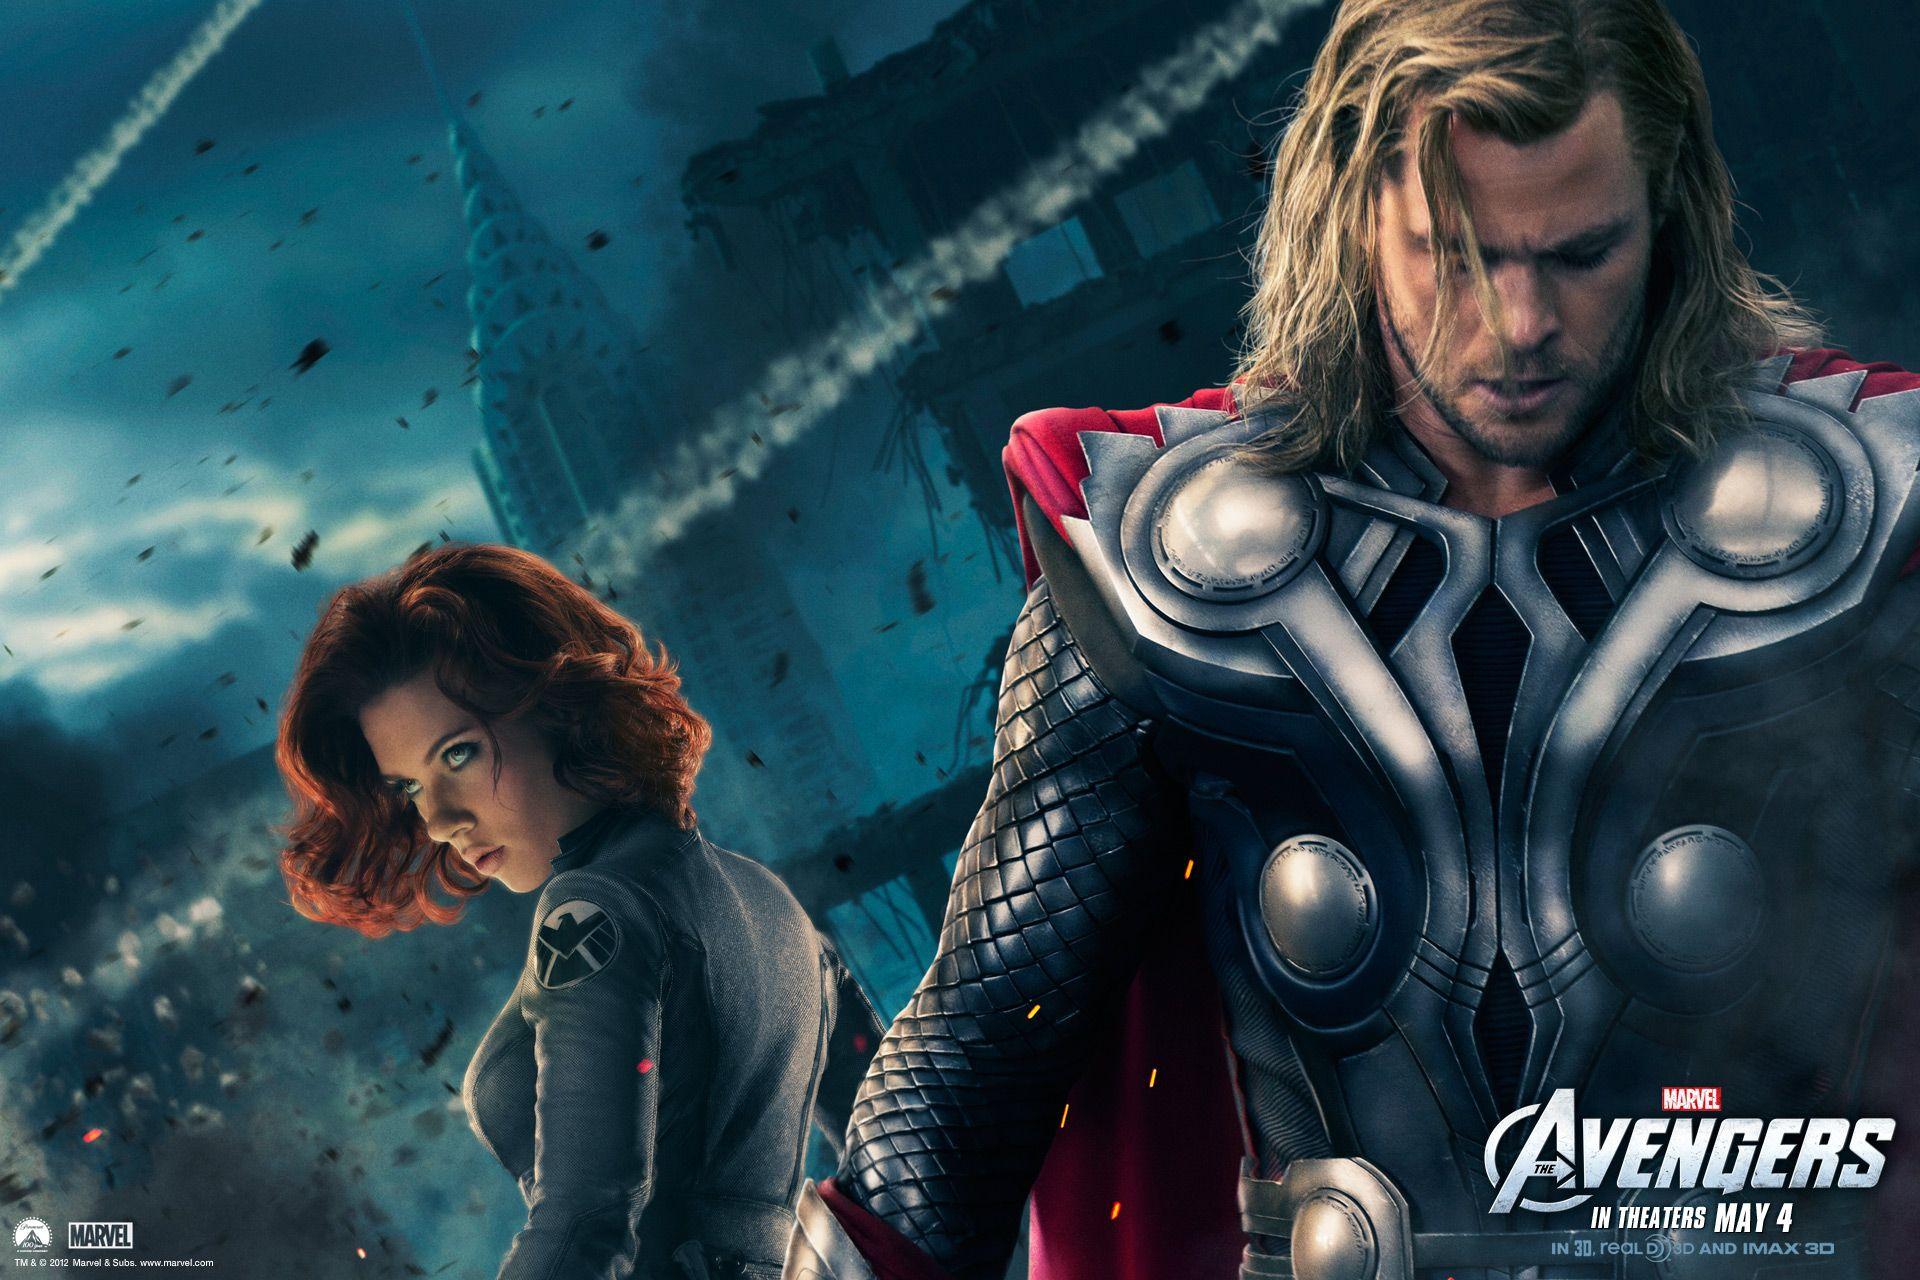 The Avengers Movie poster Pinterest